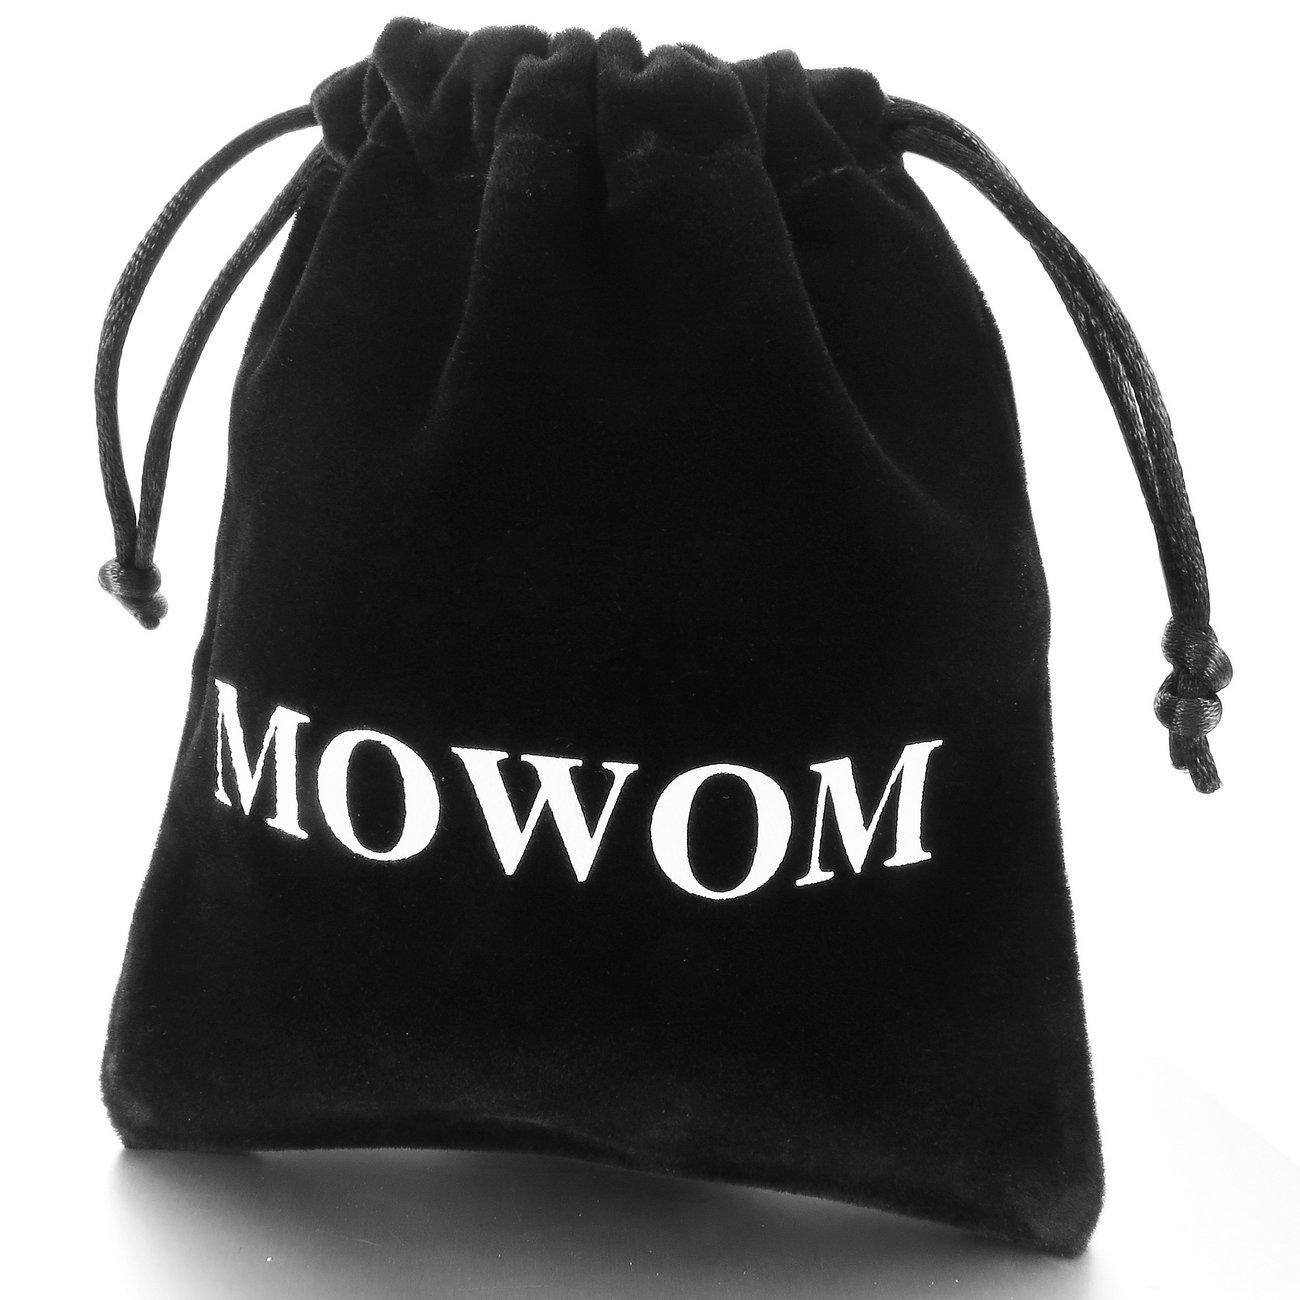 MOWOM 5~7PCS Black Brown Alloy Genuine Leather Bracelet Bangle Rope Guitar Surfer Wrap Adjustable Set ca5020411